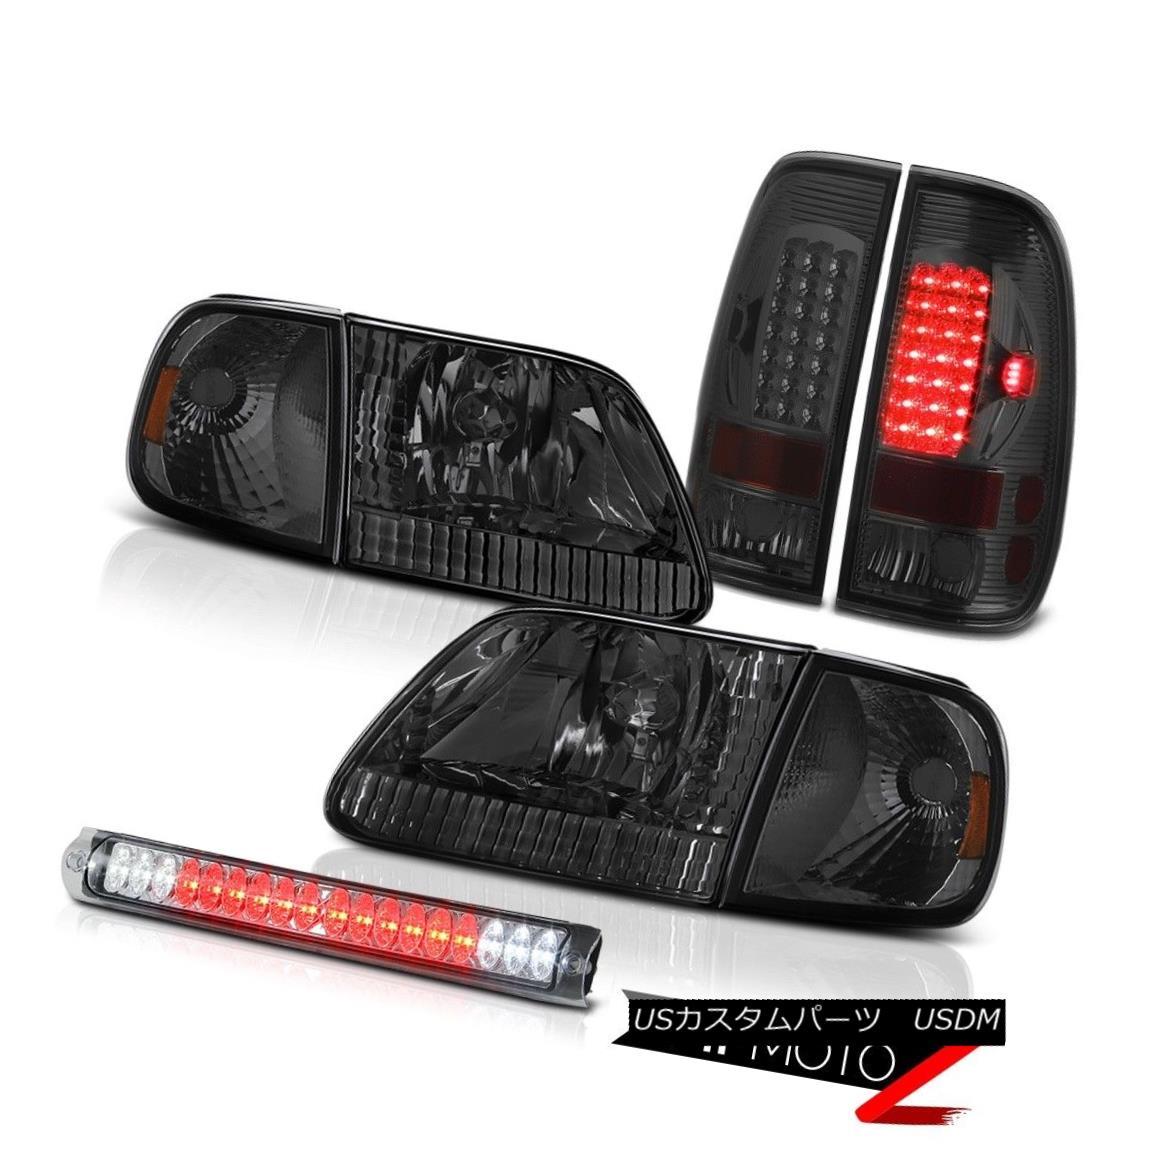 ヘッドライト 97 98 99 00 F150 Lariat Tinted Headlamps Smoked LED Taillamps Third Brake Cargo 97 98 99 00 F150 Lariat TintedヘッドランプスモークLEDタイルランプ第3ブレーキ貨物